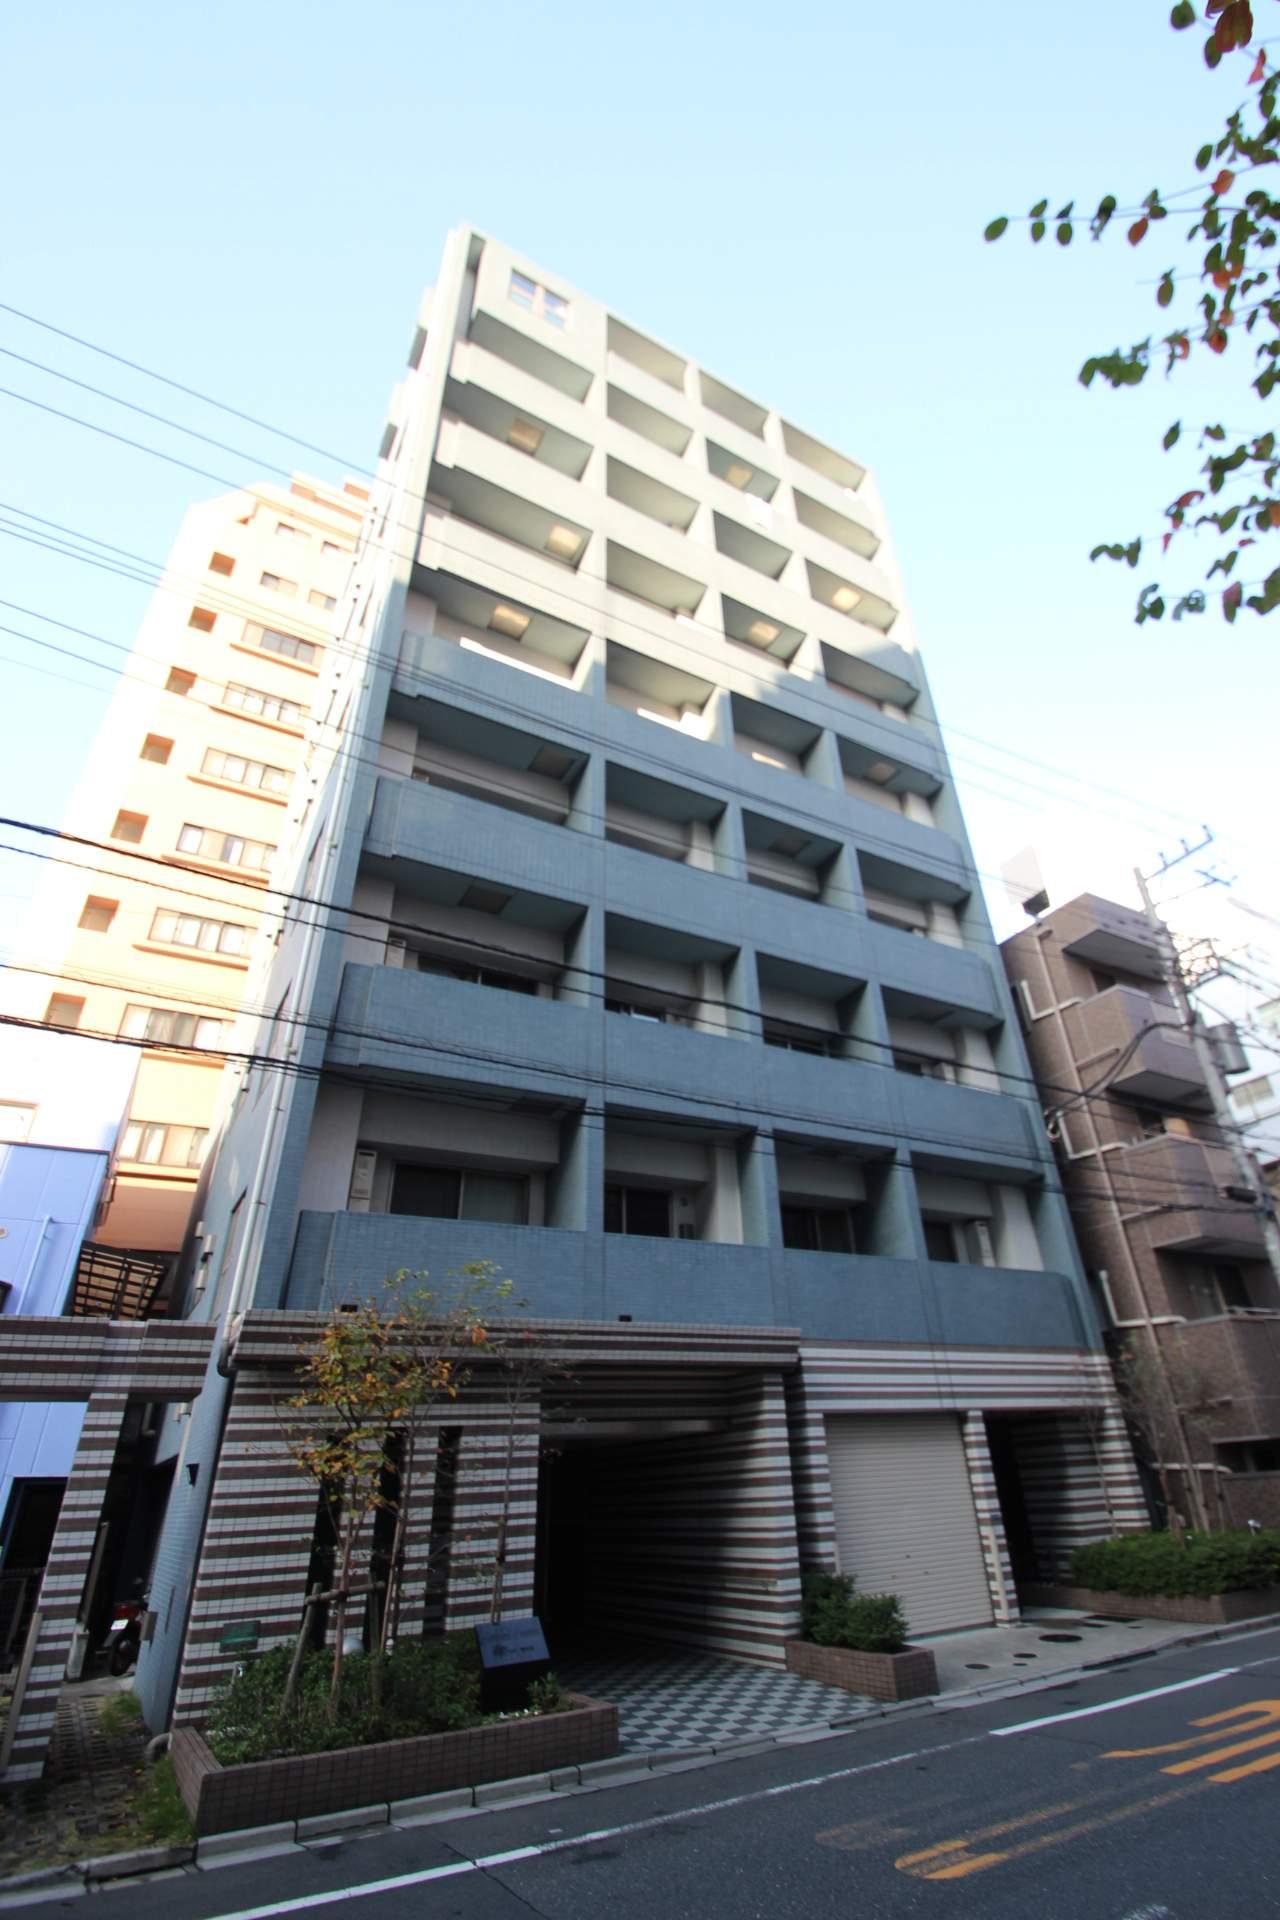 東京都江東区、亀戸駅徒歩6分の築8年 9階建の賃貸マンション